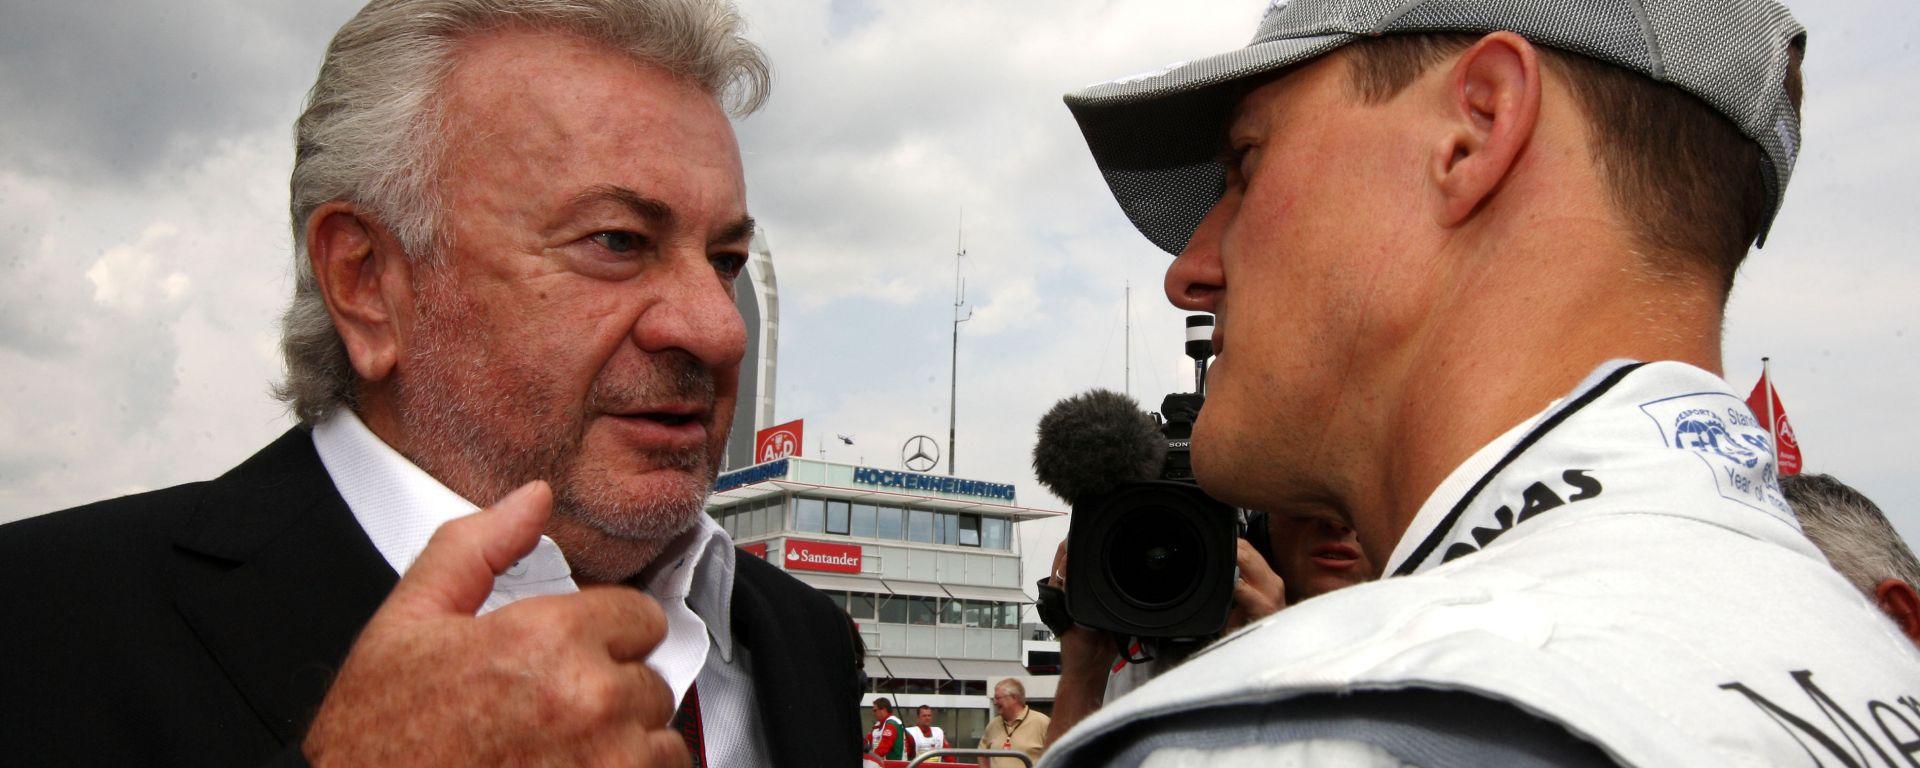 F1 2010: Willy Weber a colloquio con Michael Schumacher (Mercedes)